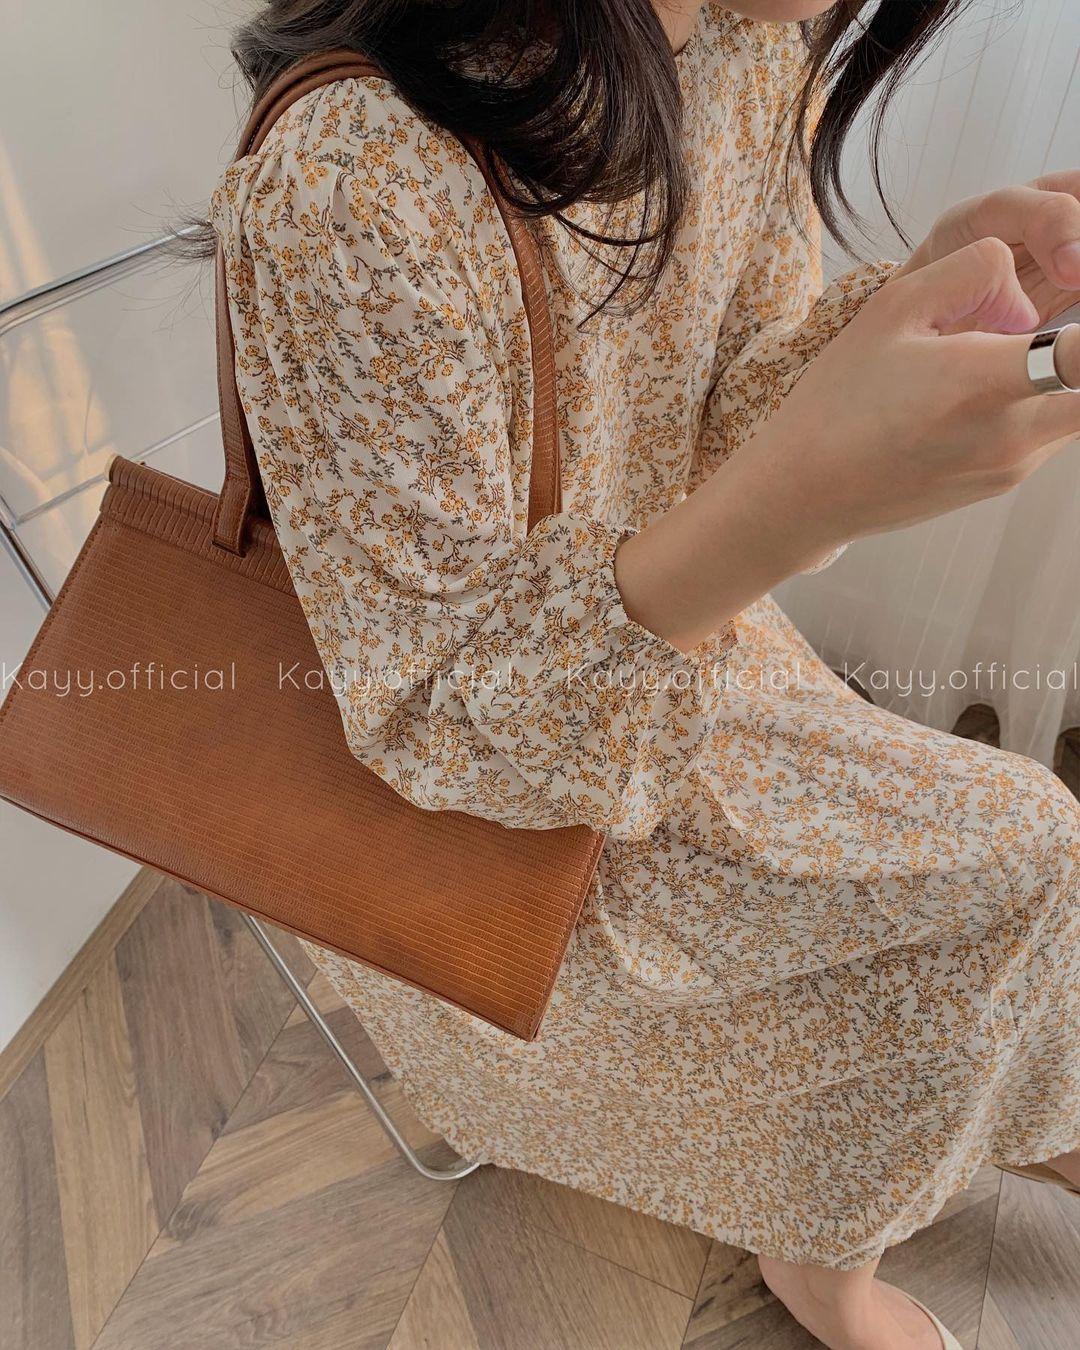 Học ca nương Kiều Anh tậu váy suông oversize giá chỉ vài trăm, mặc mát mà xinh như công chúa - Ảnh 4.